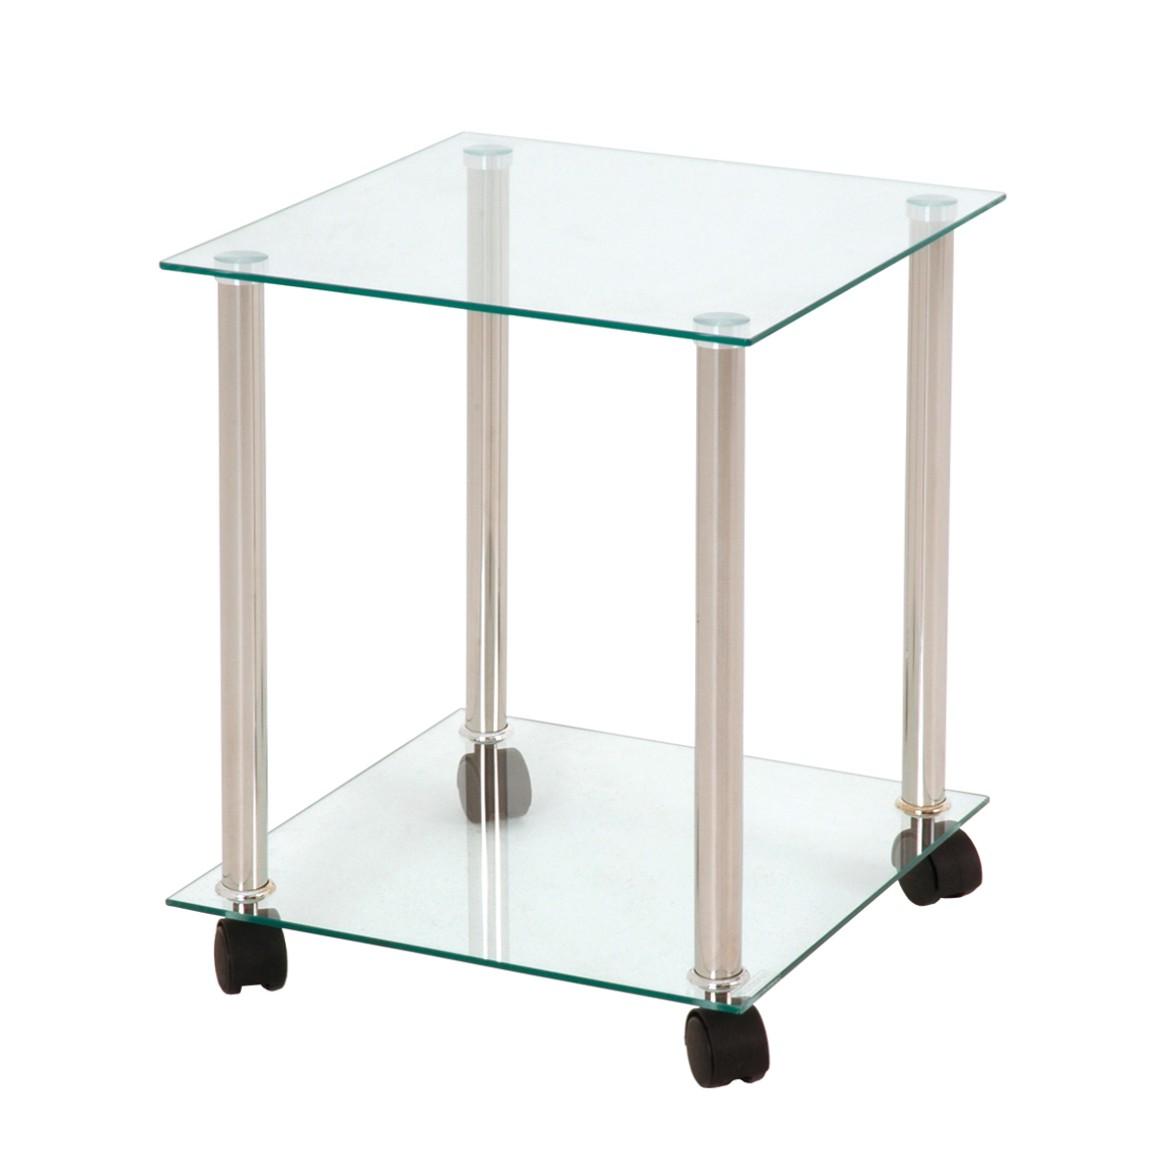 Beistelltisch Adah – Glas/Metall – Klar/Alufarbig, Tollhaus kaufen